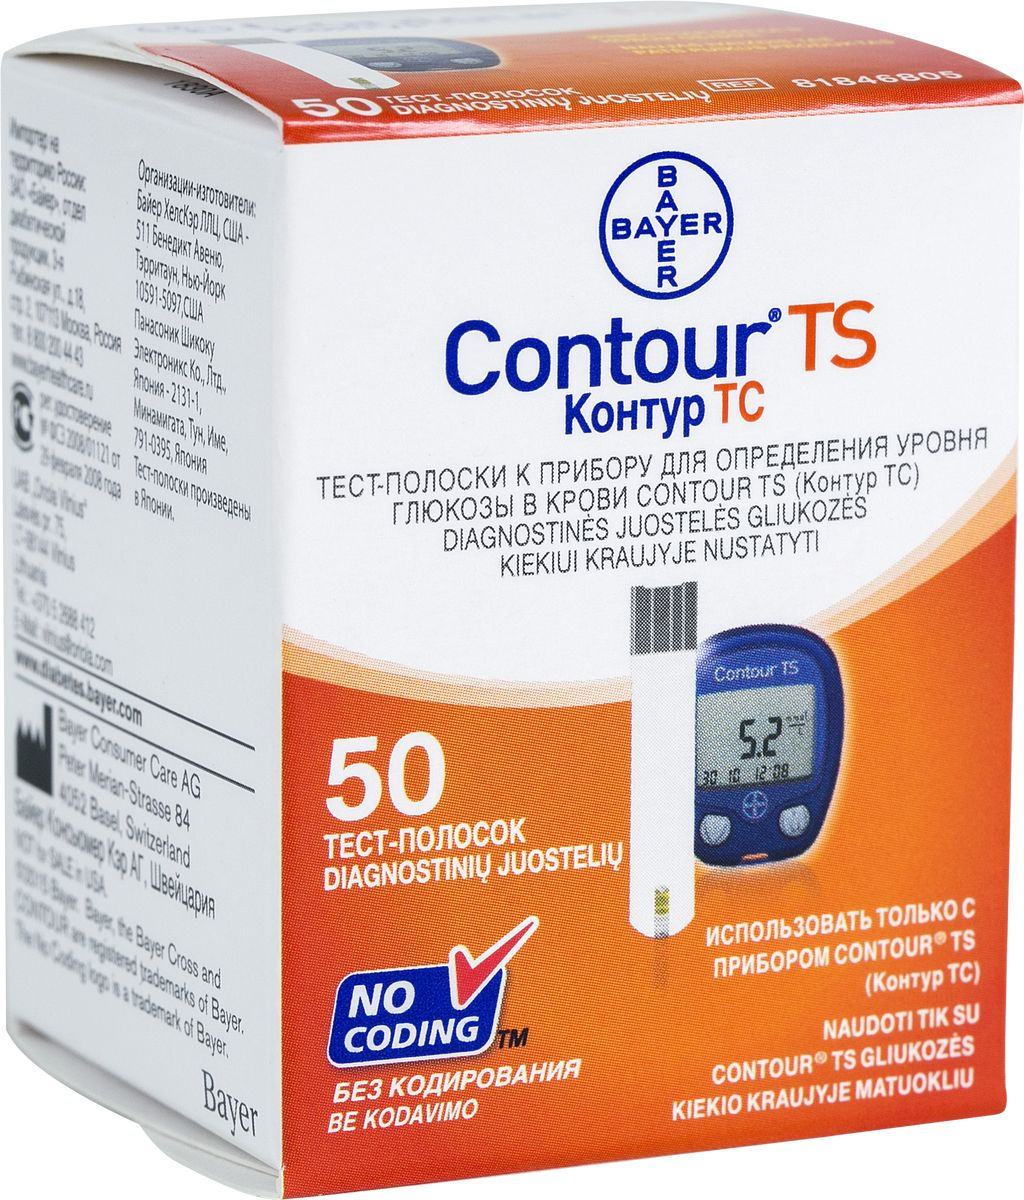 Тест-полоски Contour TS, 50 шт165Тест-полоски для глюкометра Байер Контур ТС (Bayer Contour TS). В упаковке 50 тест-полосок. Капля крови всего 0.6 мкл. Тест-полоски используются только с глюкометром Байер Контур ТС.